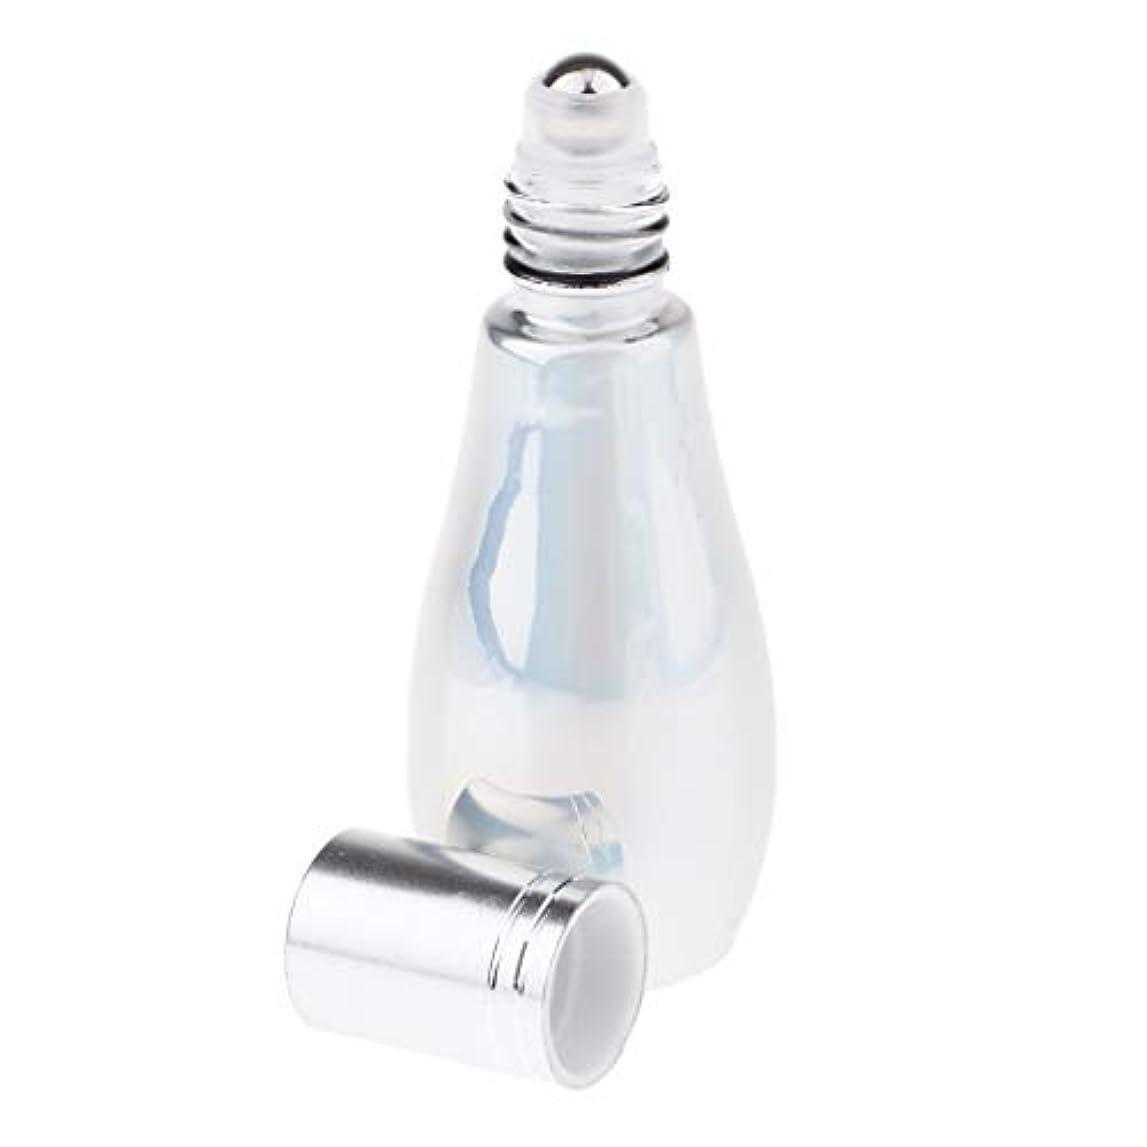 宿泊ヤギいわゆるT TOOYFUL 香水 ロールオン アトマイザー 小分けボトル 香水ボトル ローラーボール ガラス 全2タイプ - ローラー